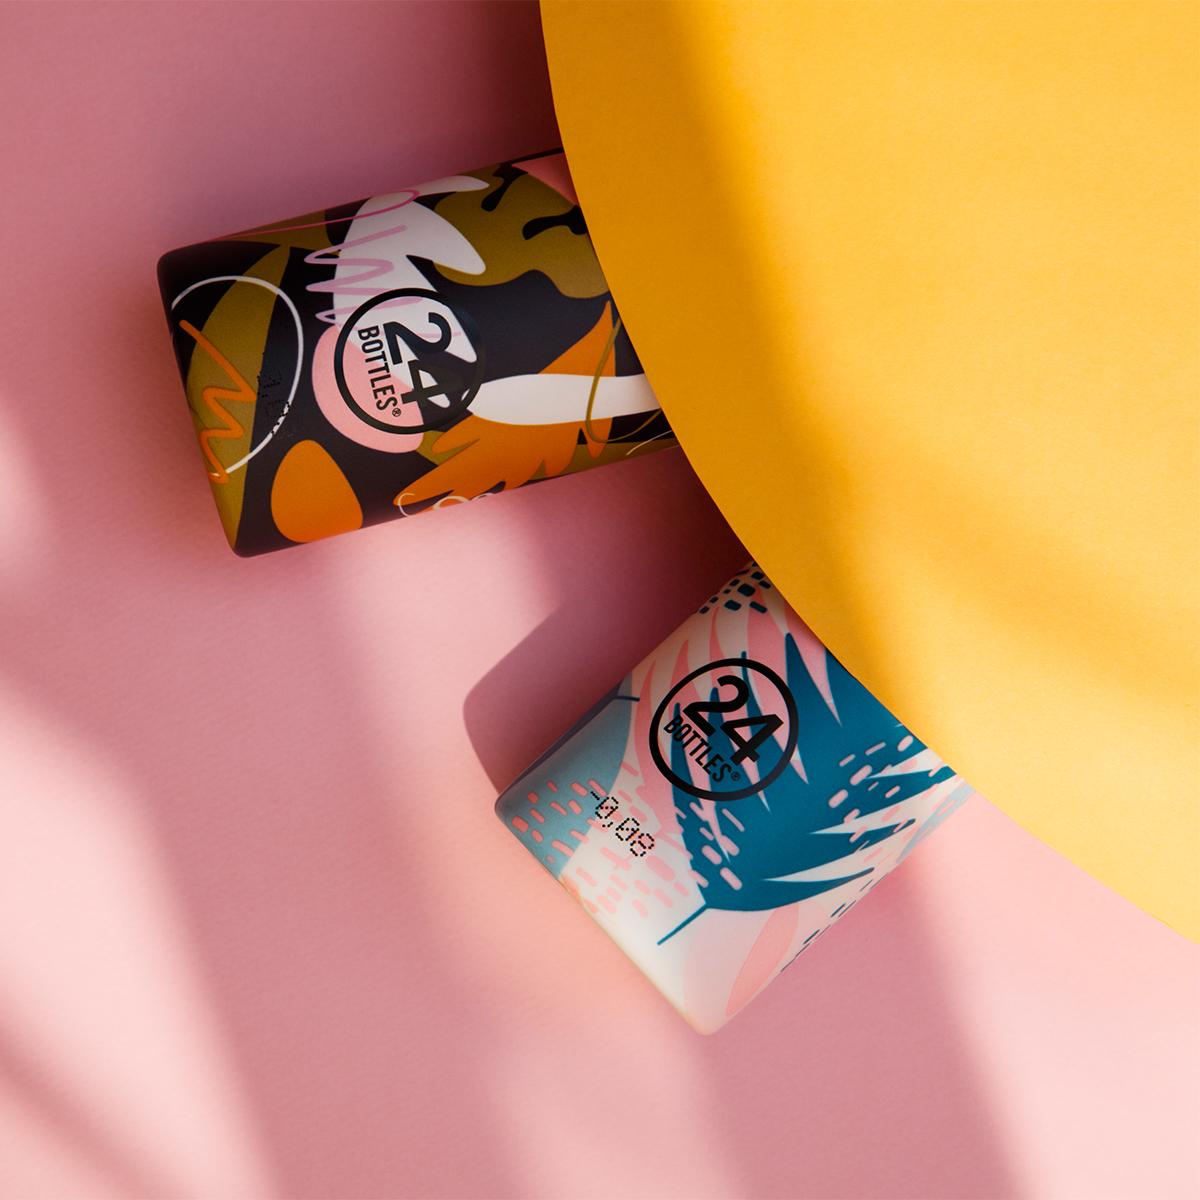 マイボトルは必須の時代。気分が上がる色柄豊富でおしゃれなイタリアンデザインの「マイボトル・タンブラー・水筒」|24Bottles(トゥエンティーフォーボトルズ)』